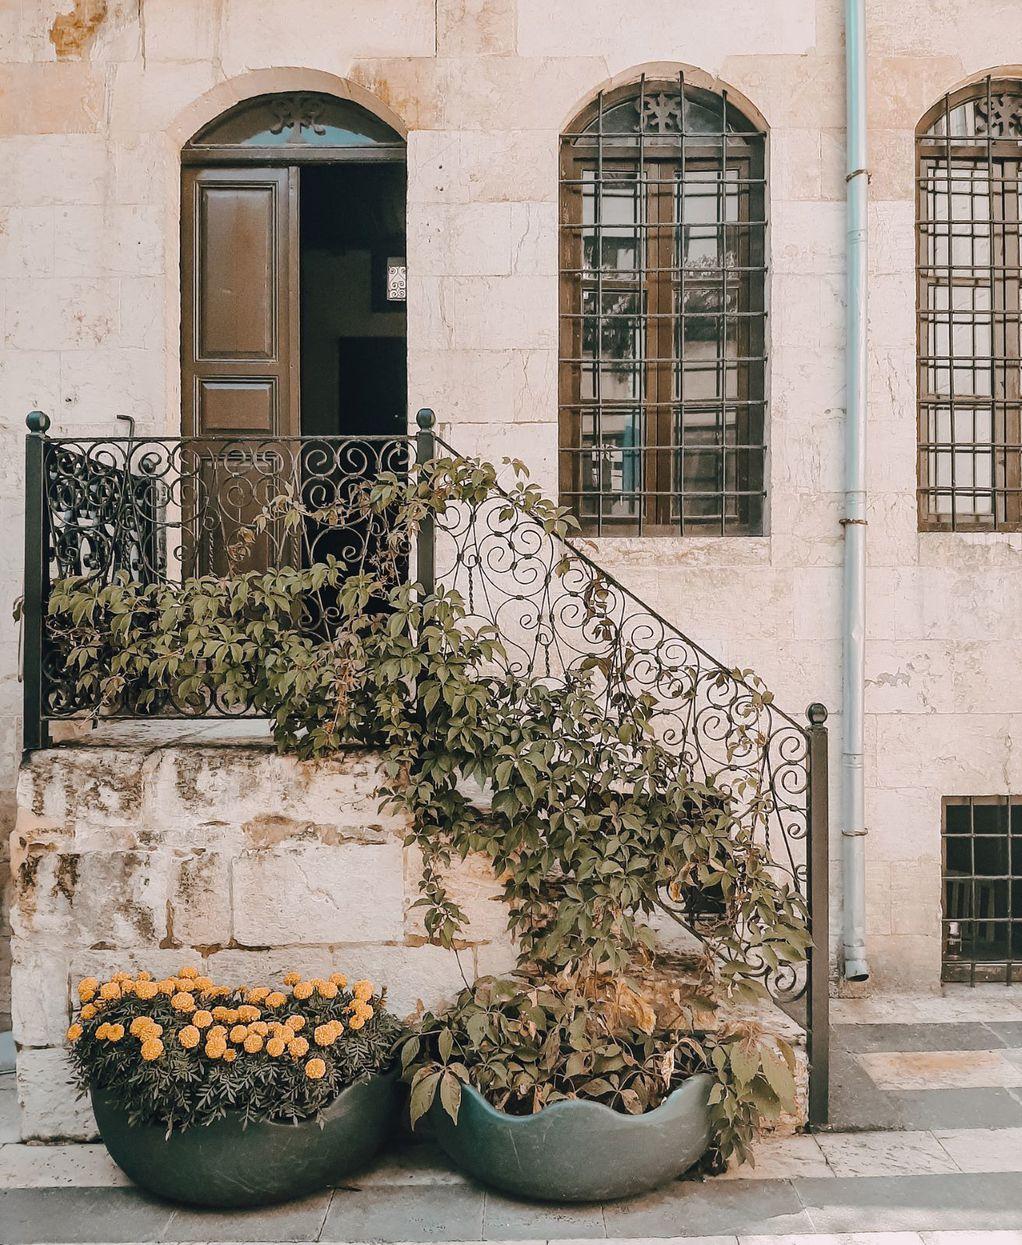 Овој медитерански град е единственото место во светот каде што растат овие необични рози